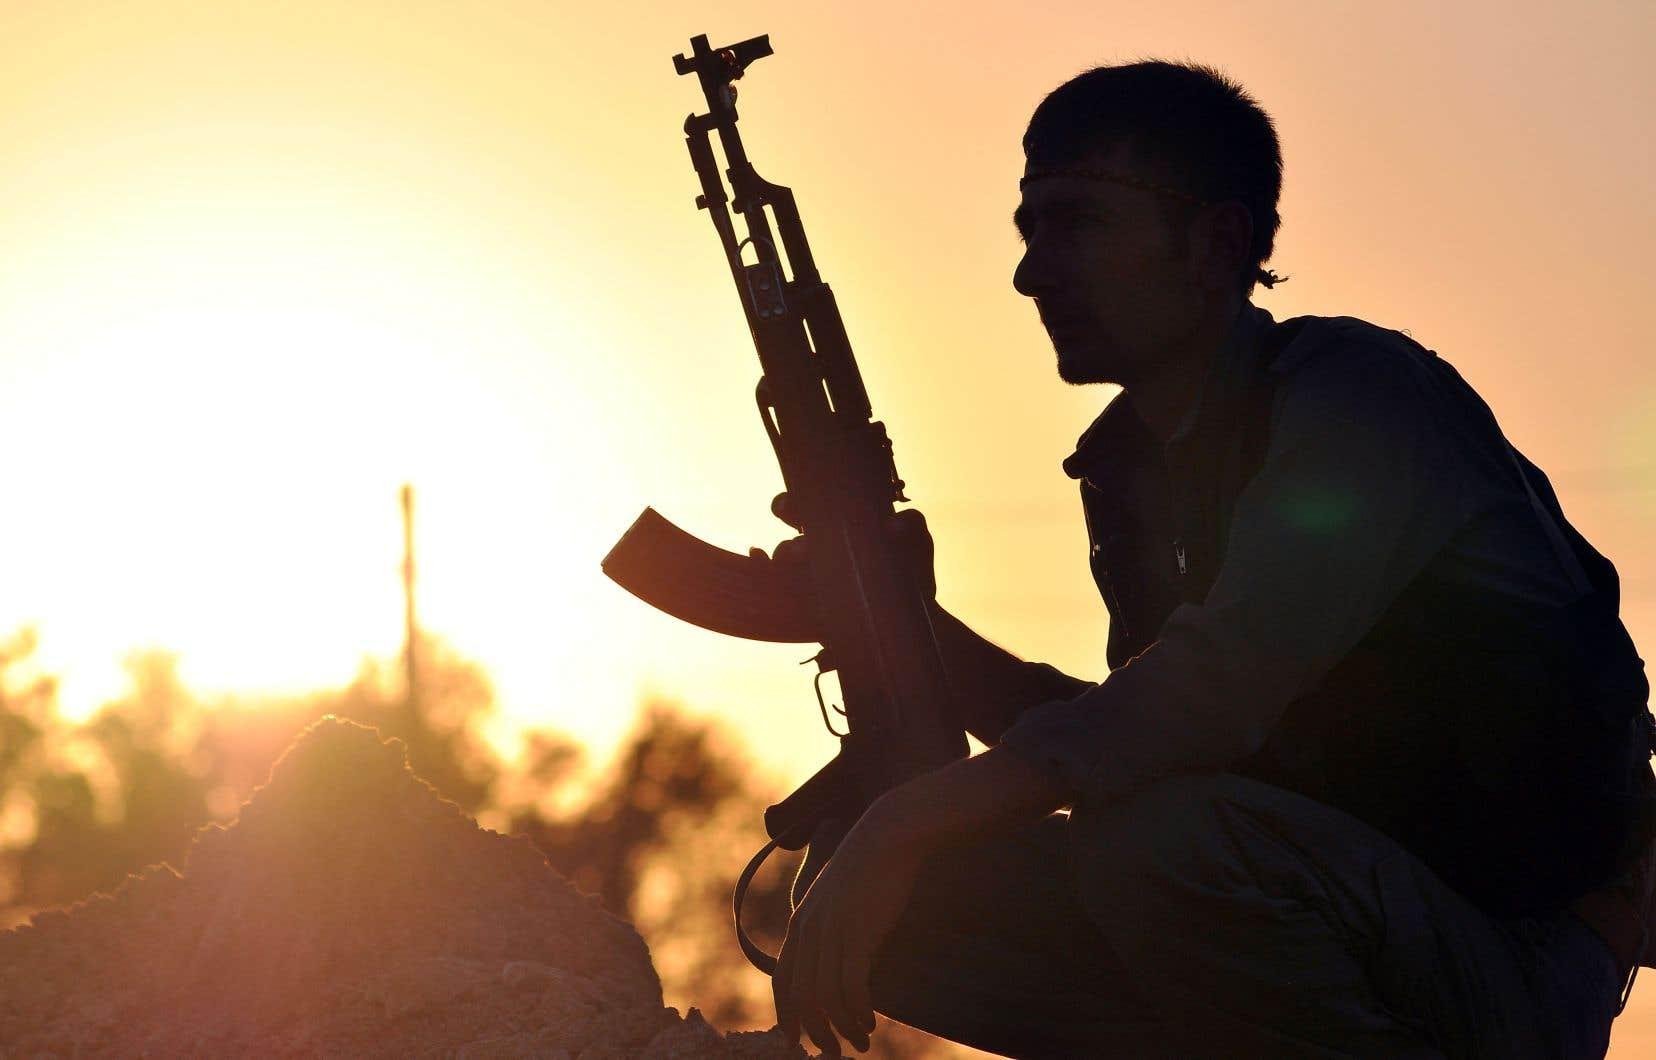 En plus d'être le conflit militaire le plus significatif de notre décennie, la guerre en Syrie est aussi un moment charnière des relations internationales, souligne l'auteur.